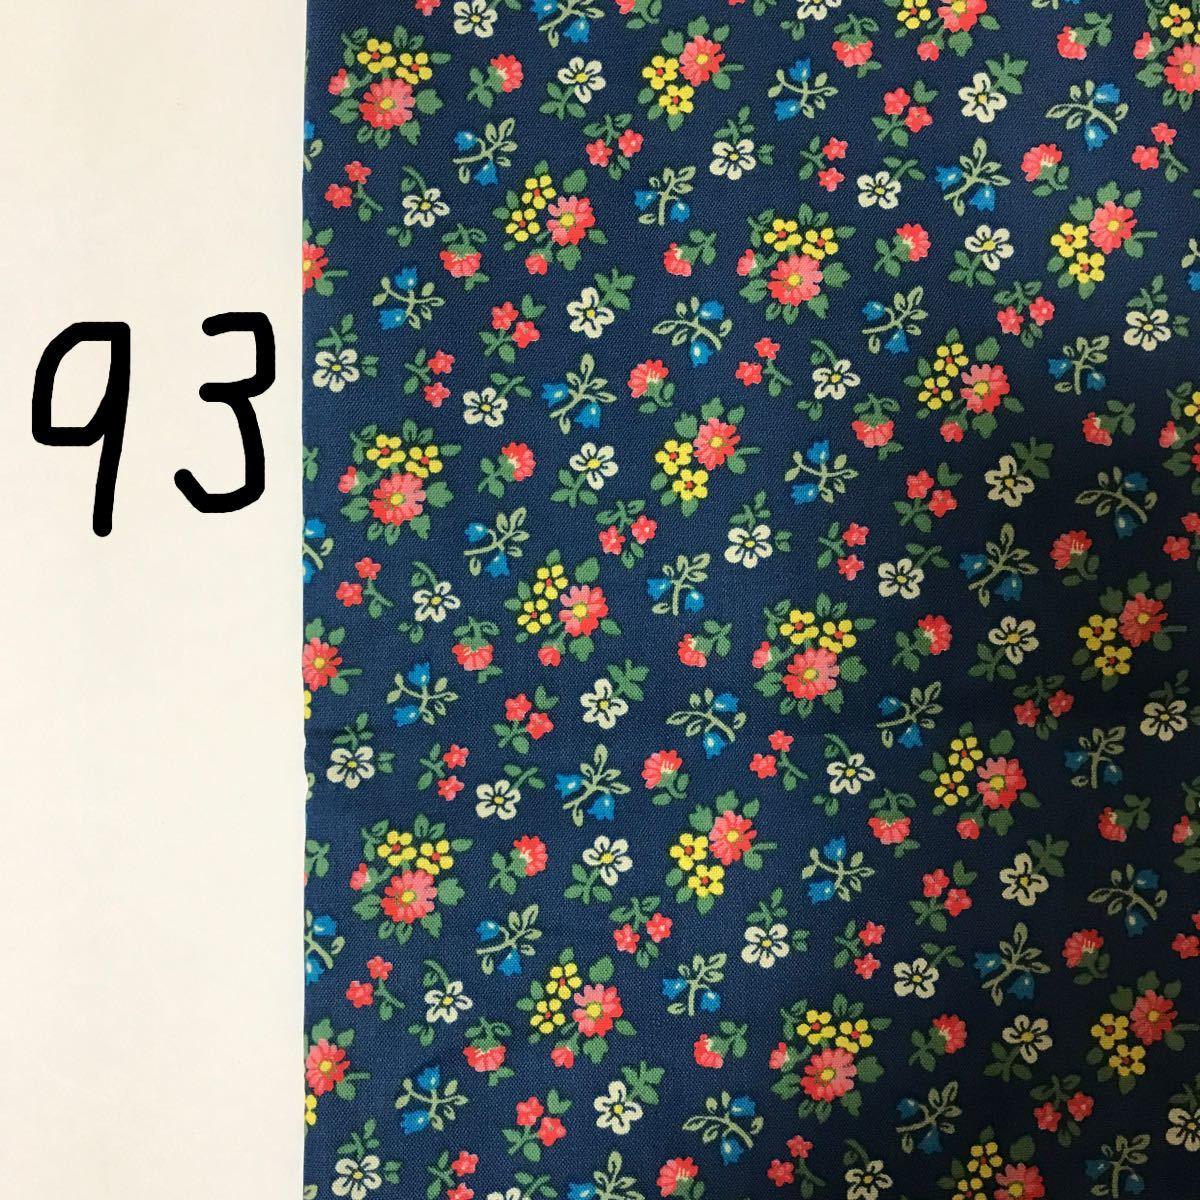 綿生地 シーチング キャスキッドソン ブルー×小花柄